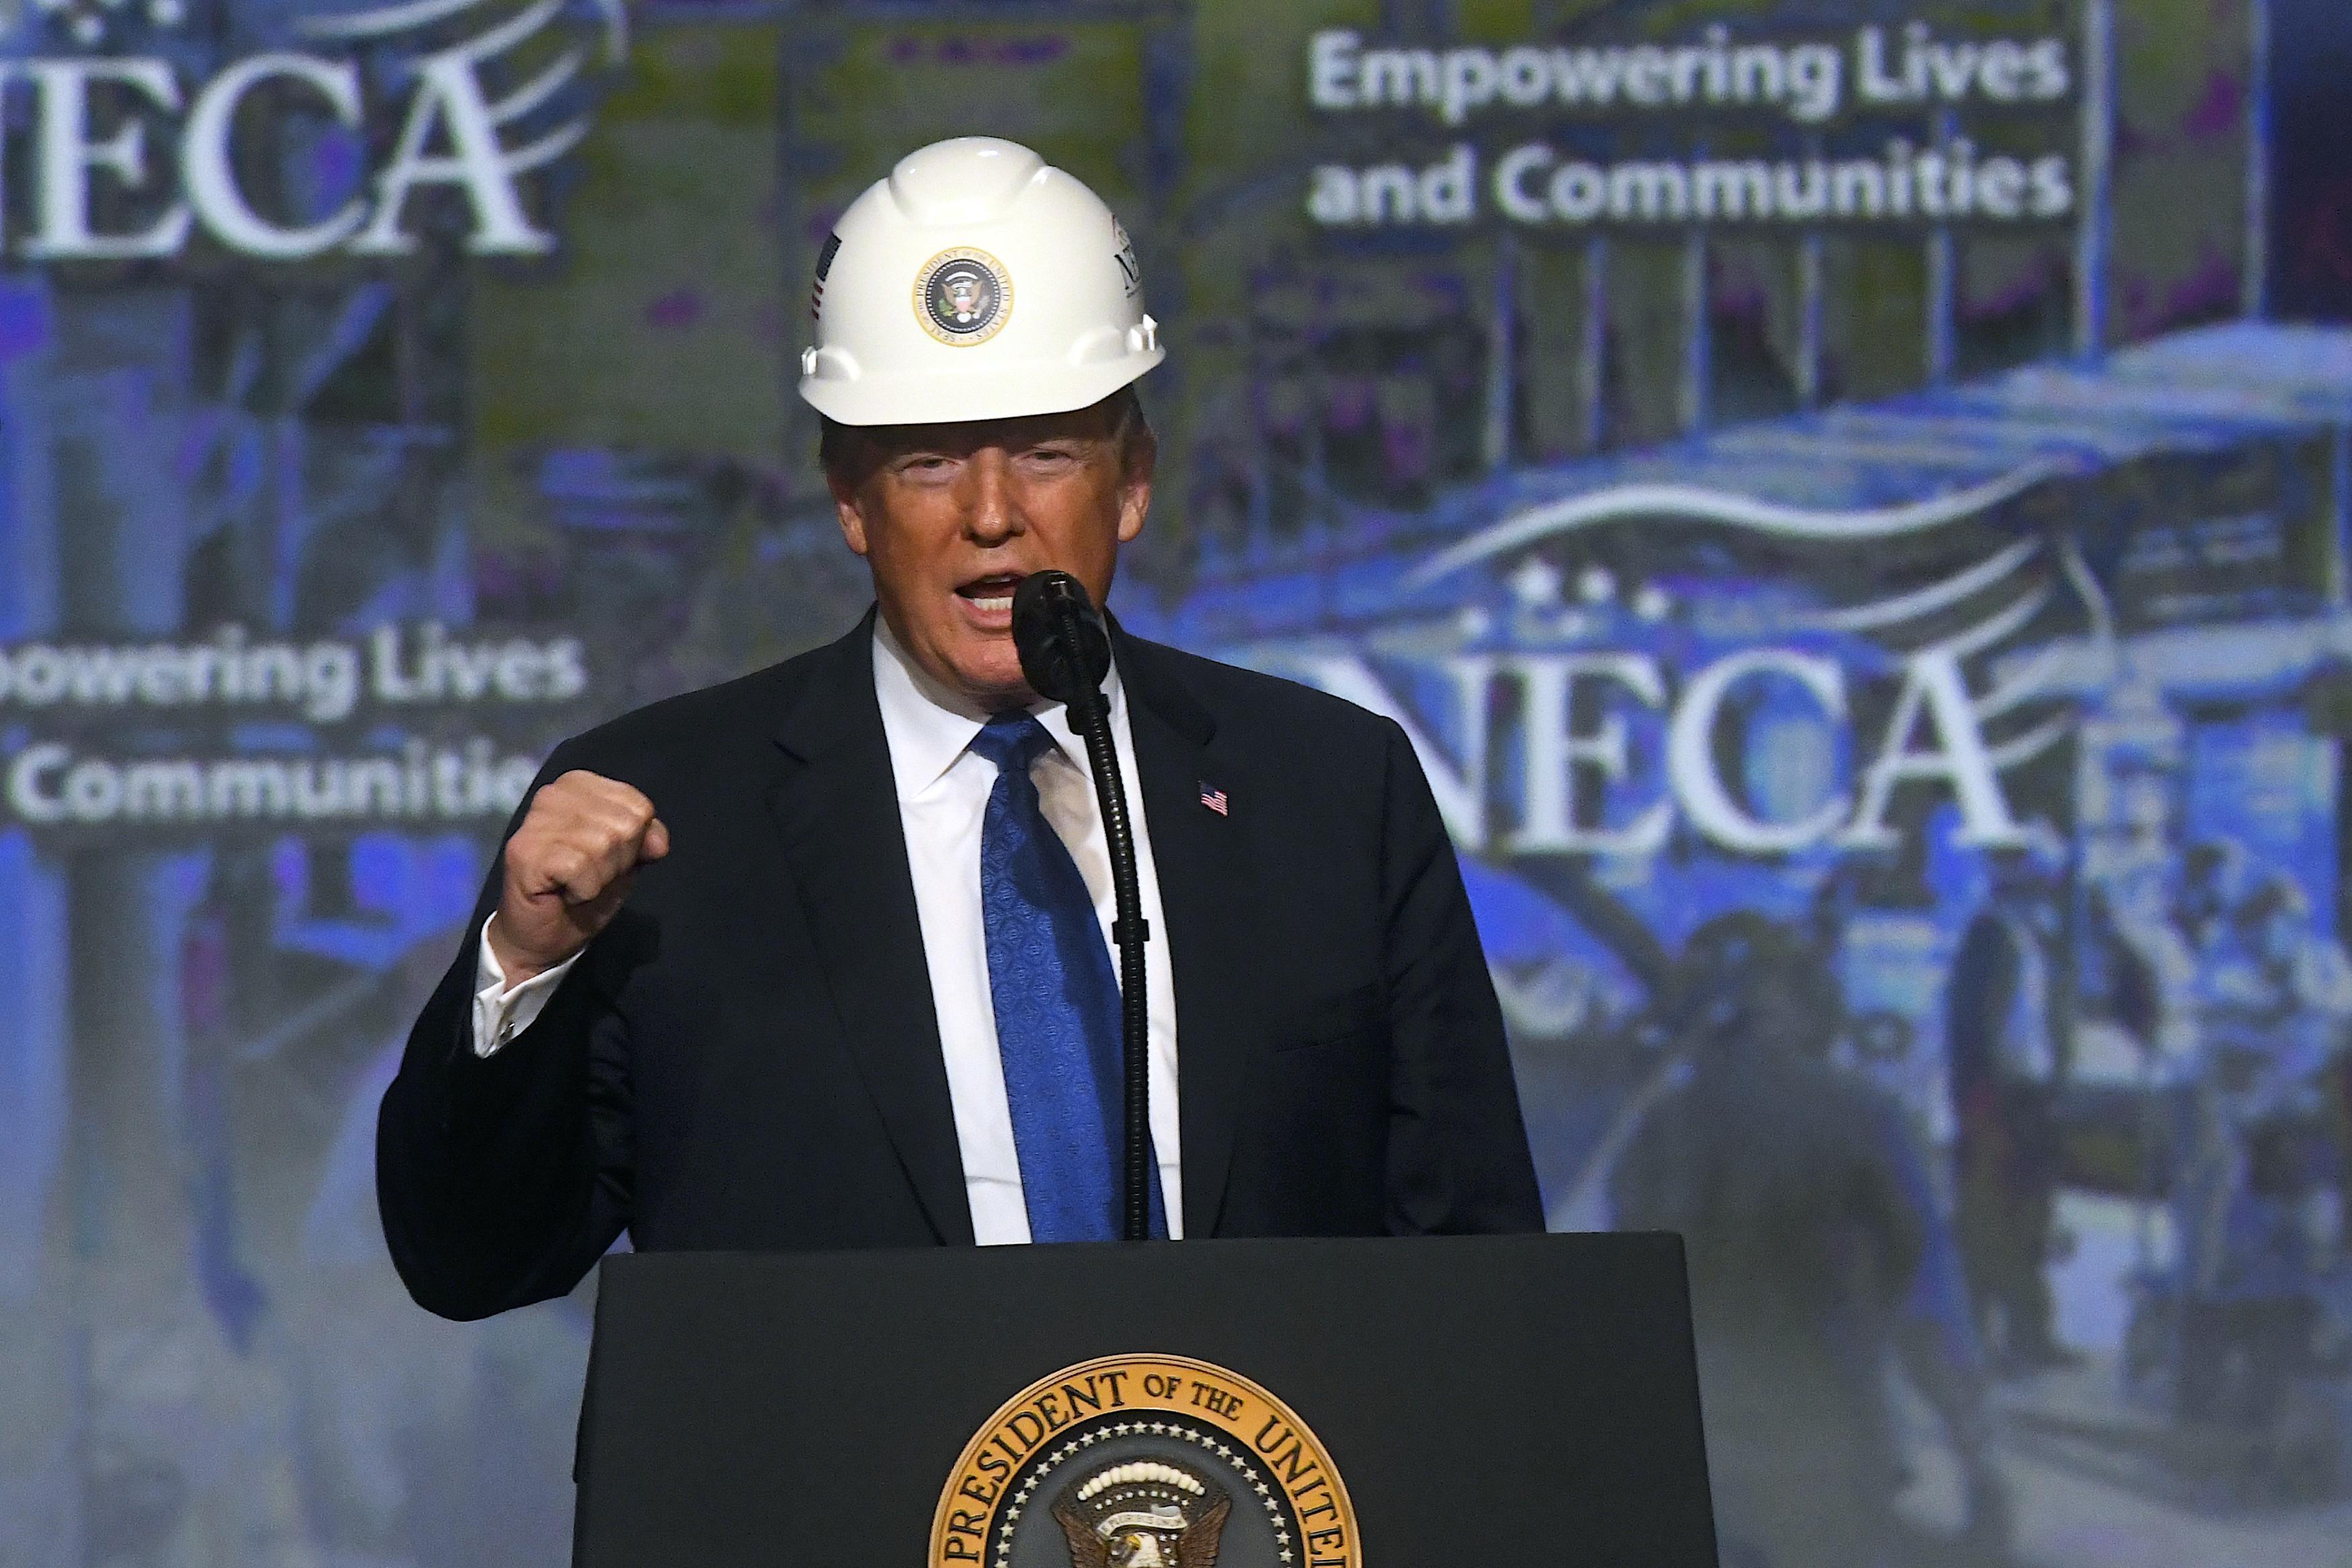 President Trump wears a hard hat during a speech.